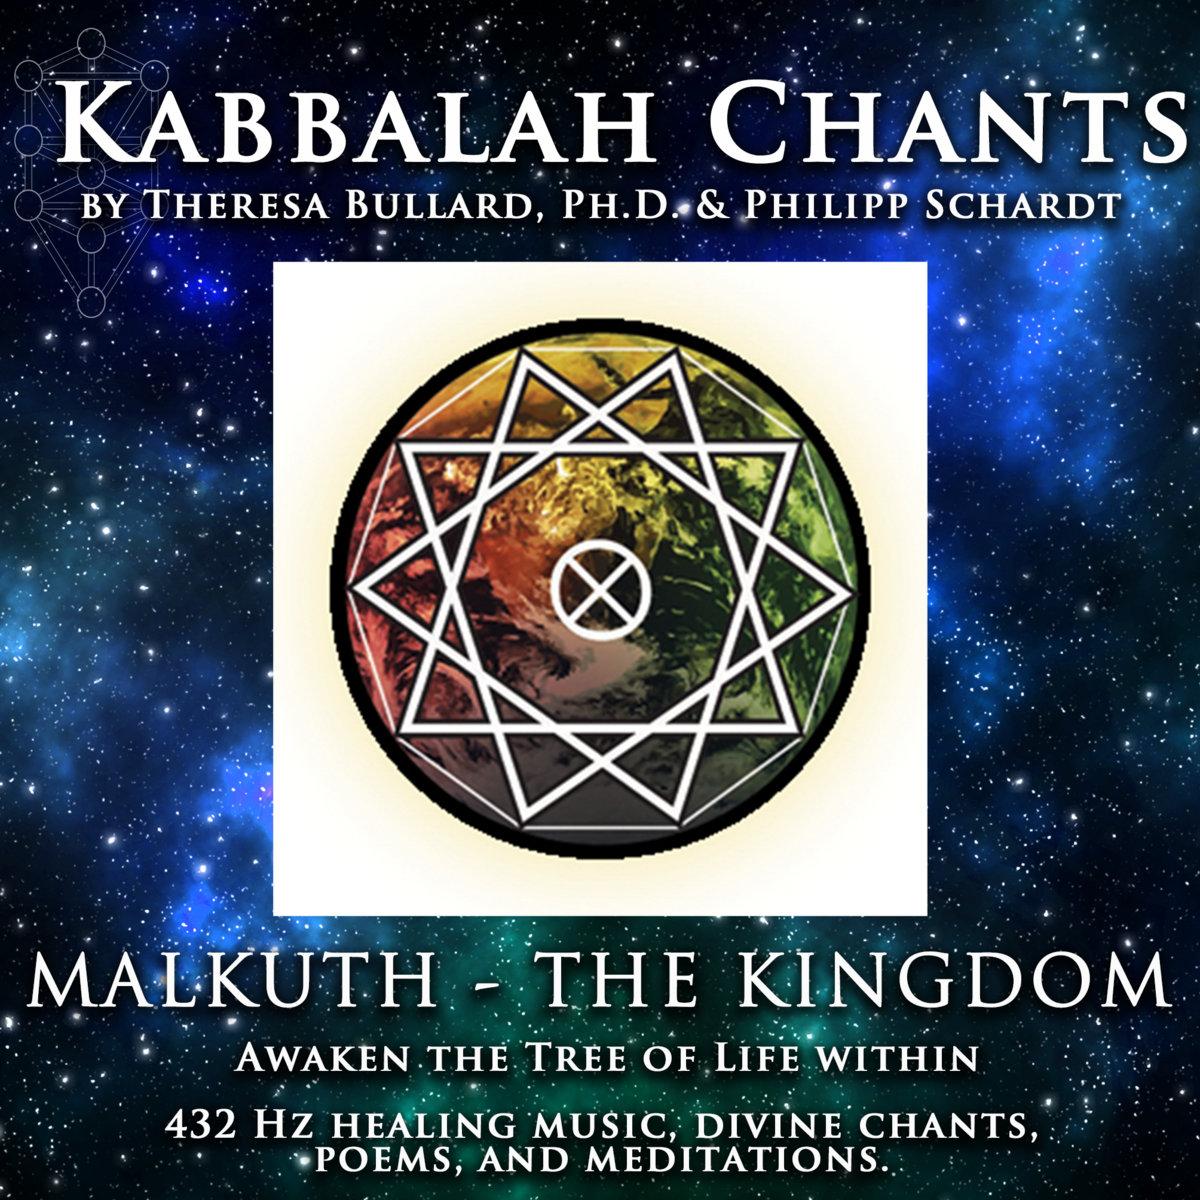 MALKUTH MEDITATION | KABBALAH CHANTS